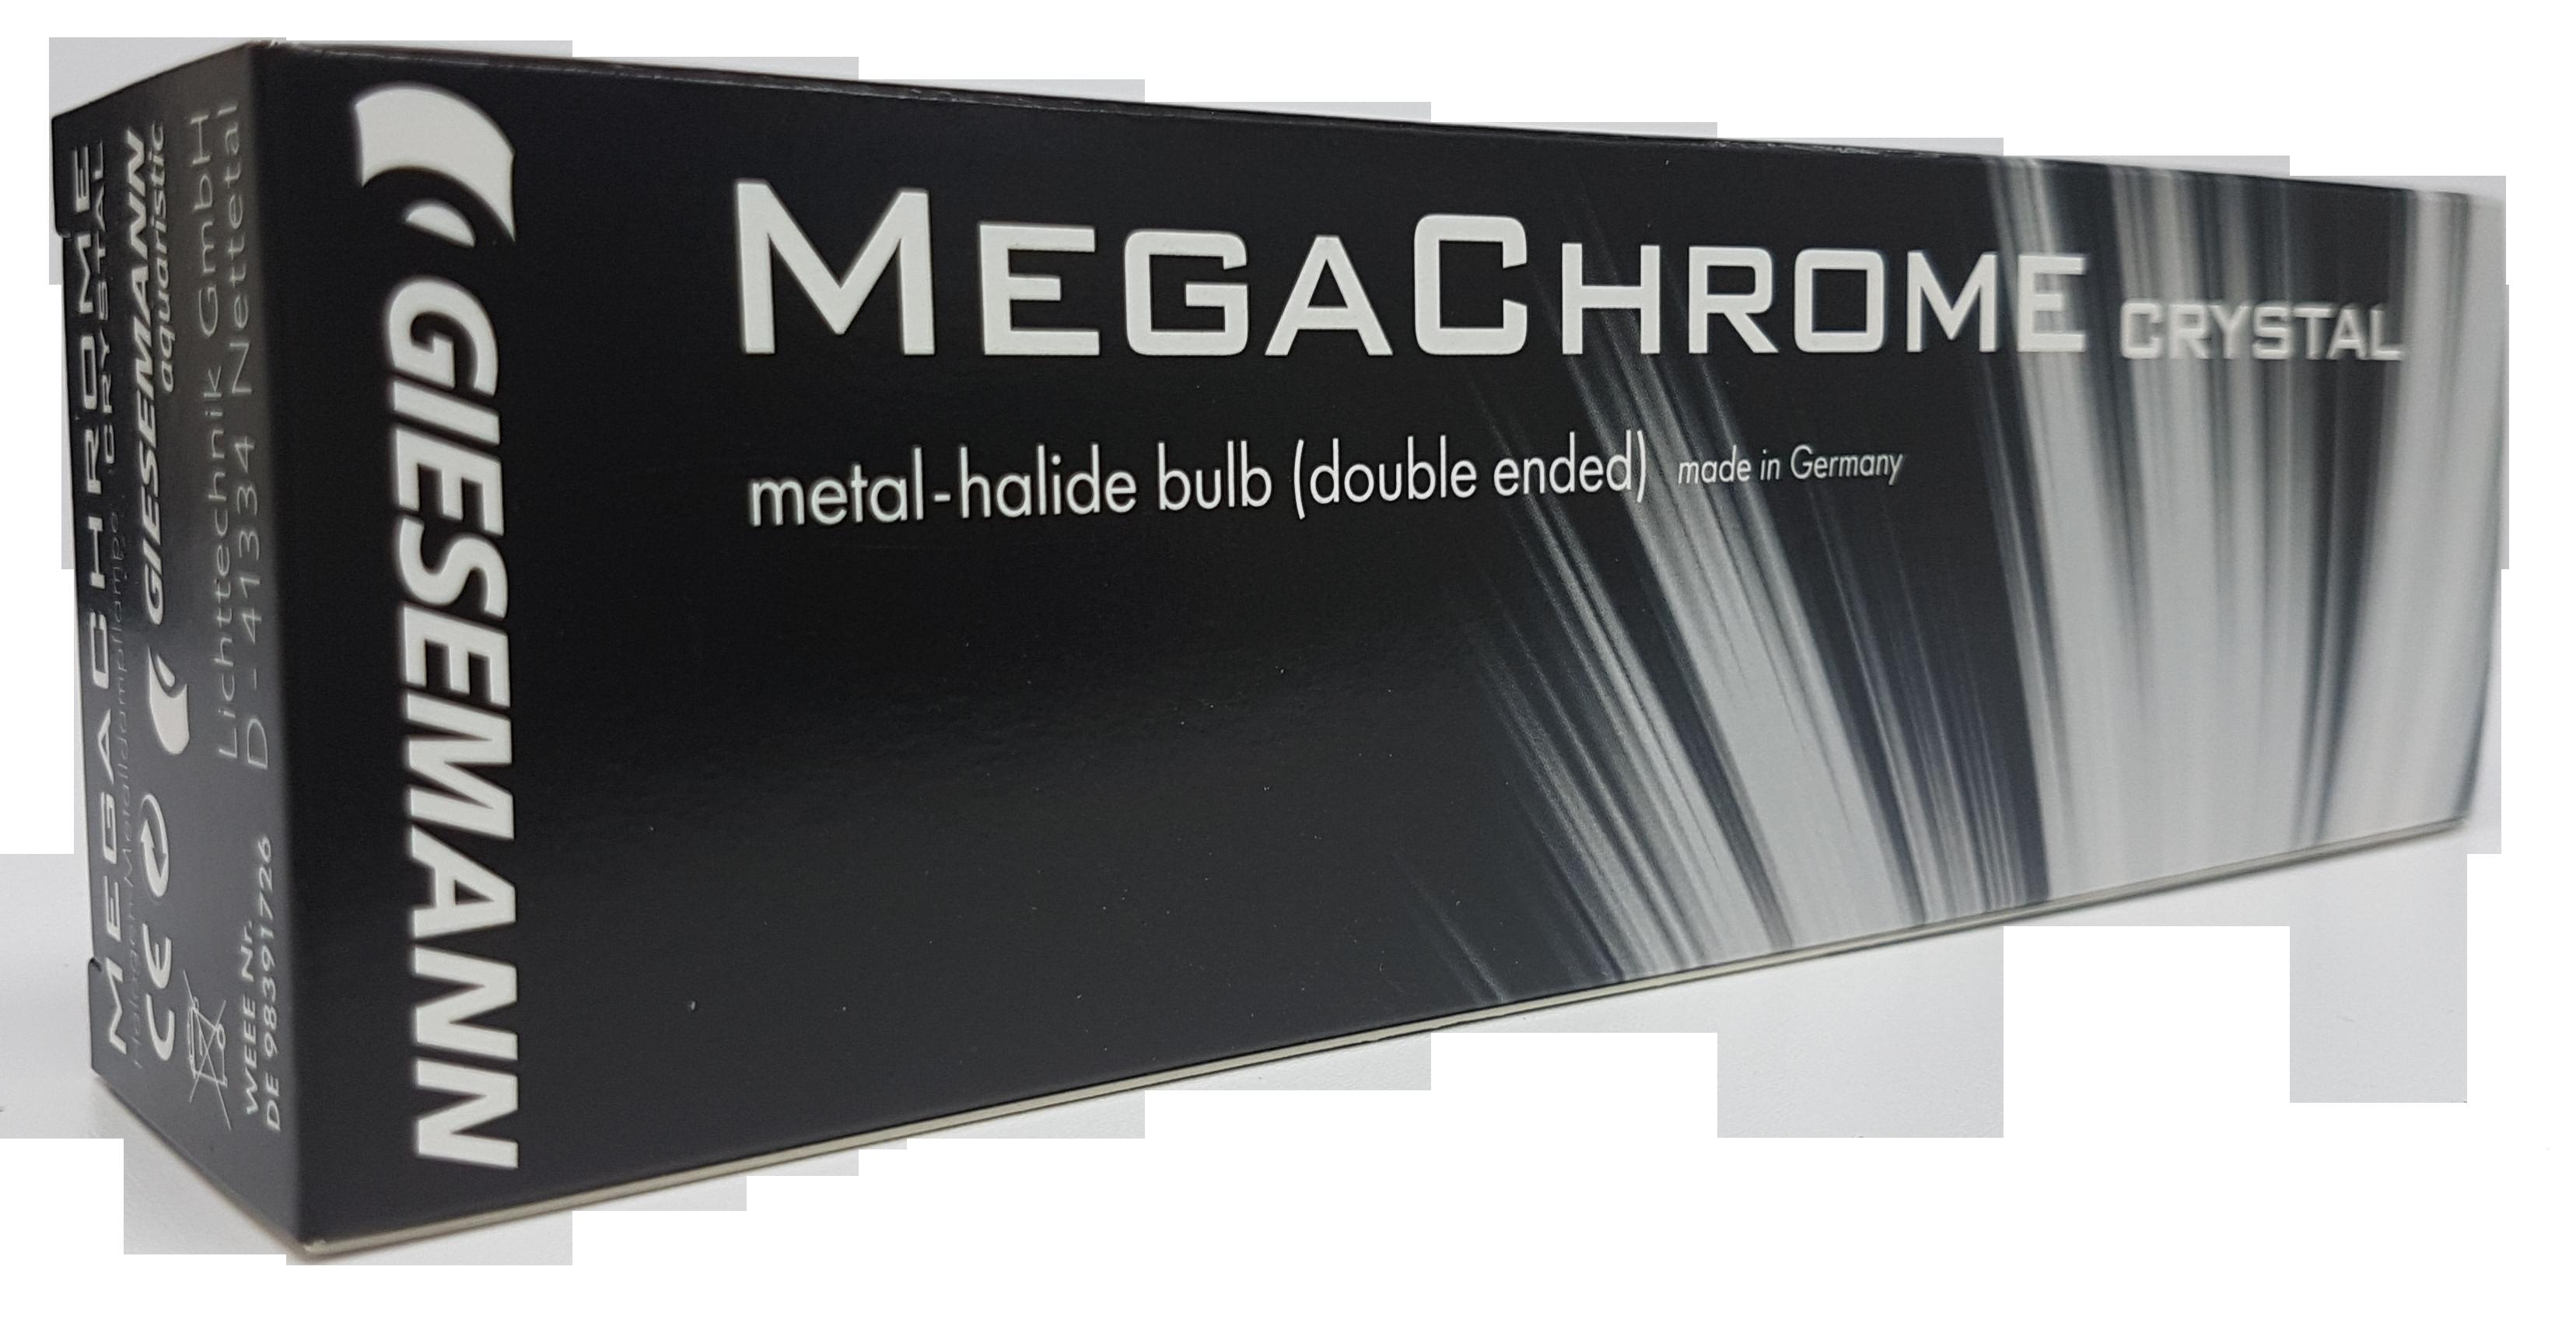 megachrome crystal giesemann